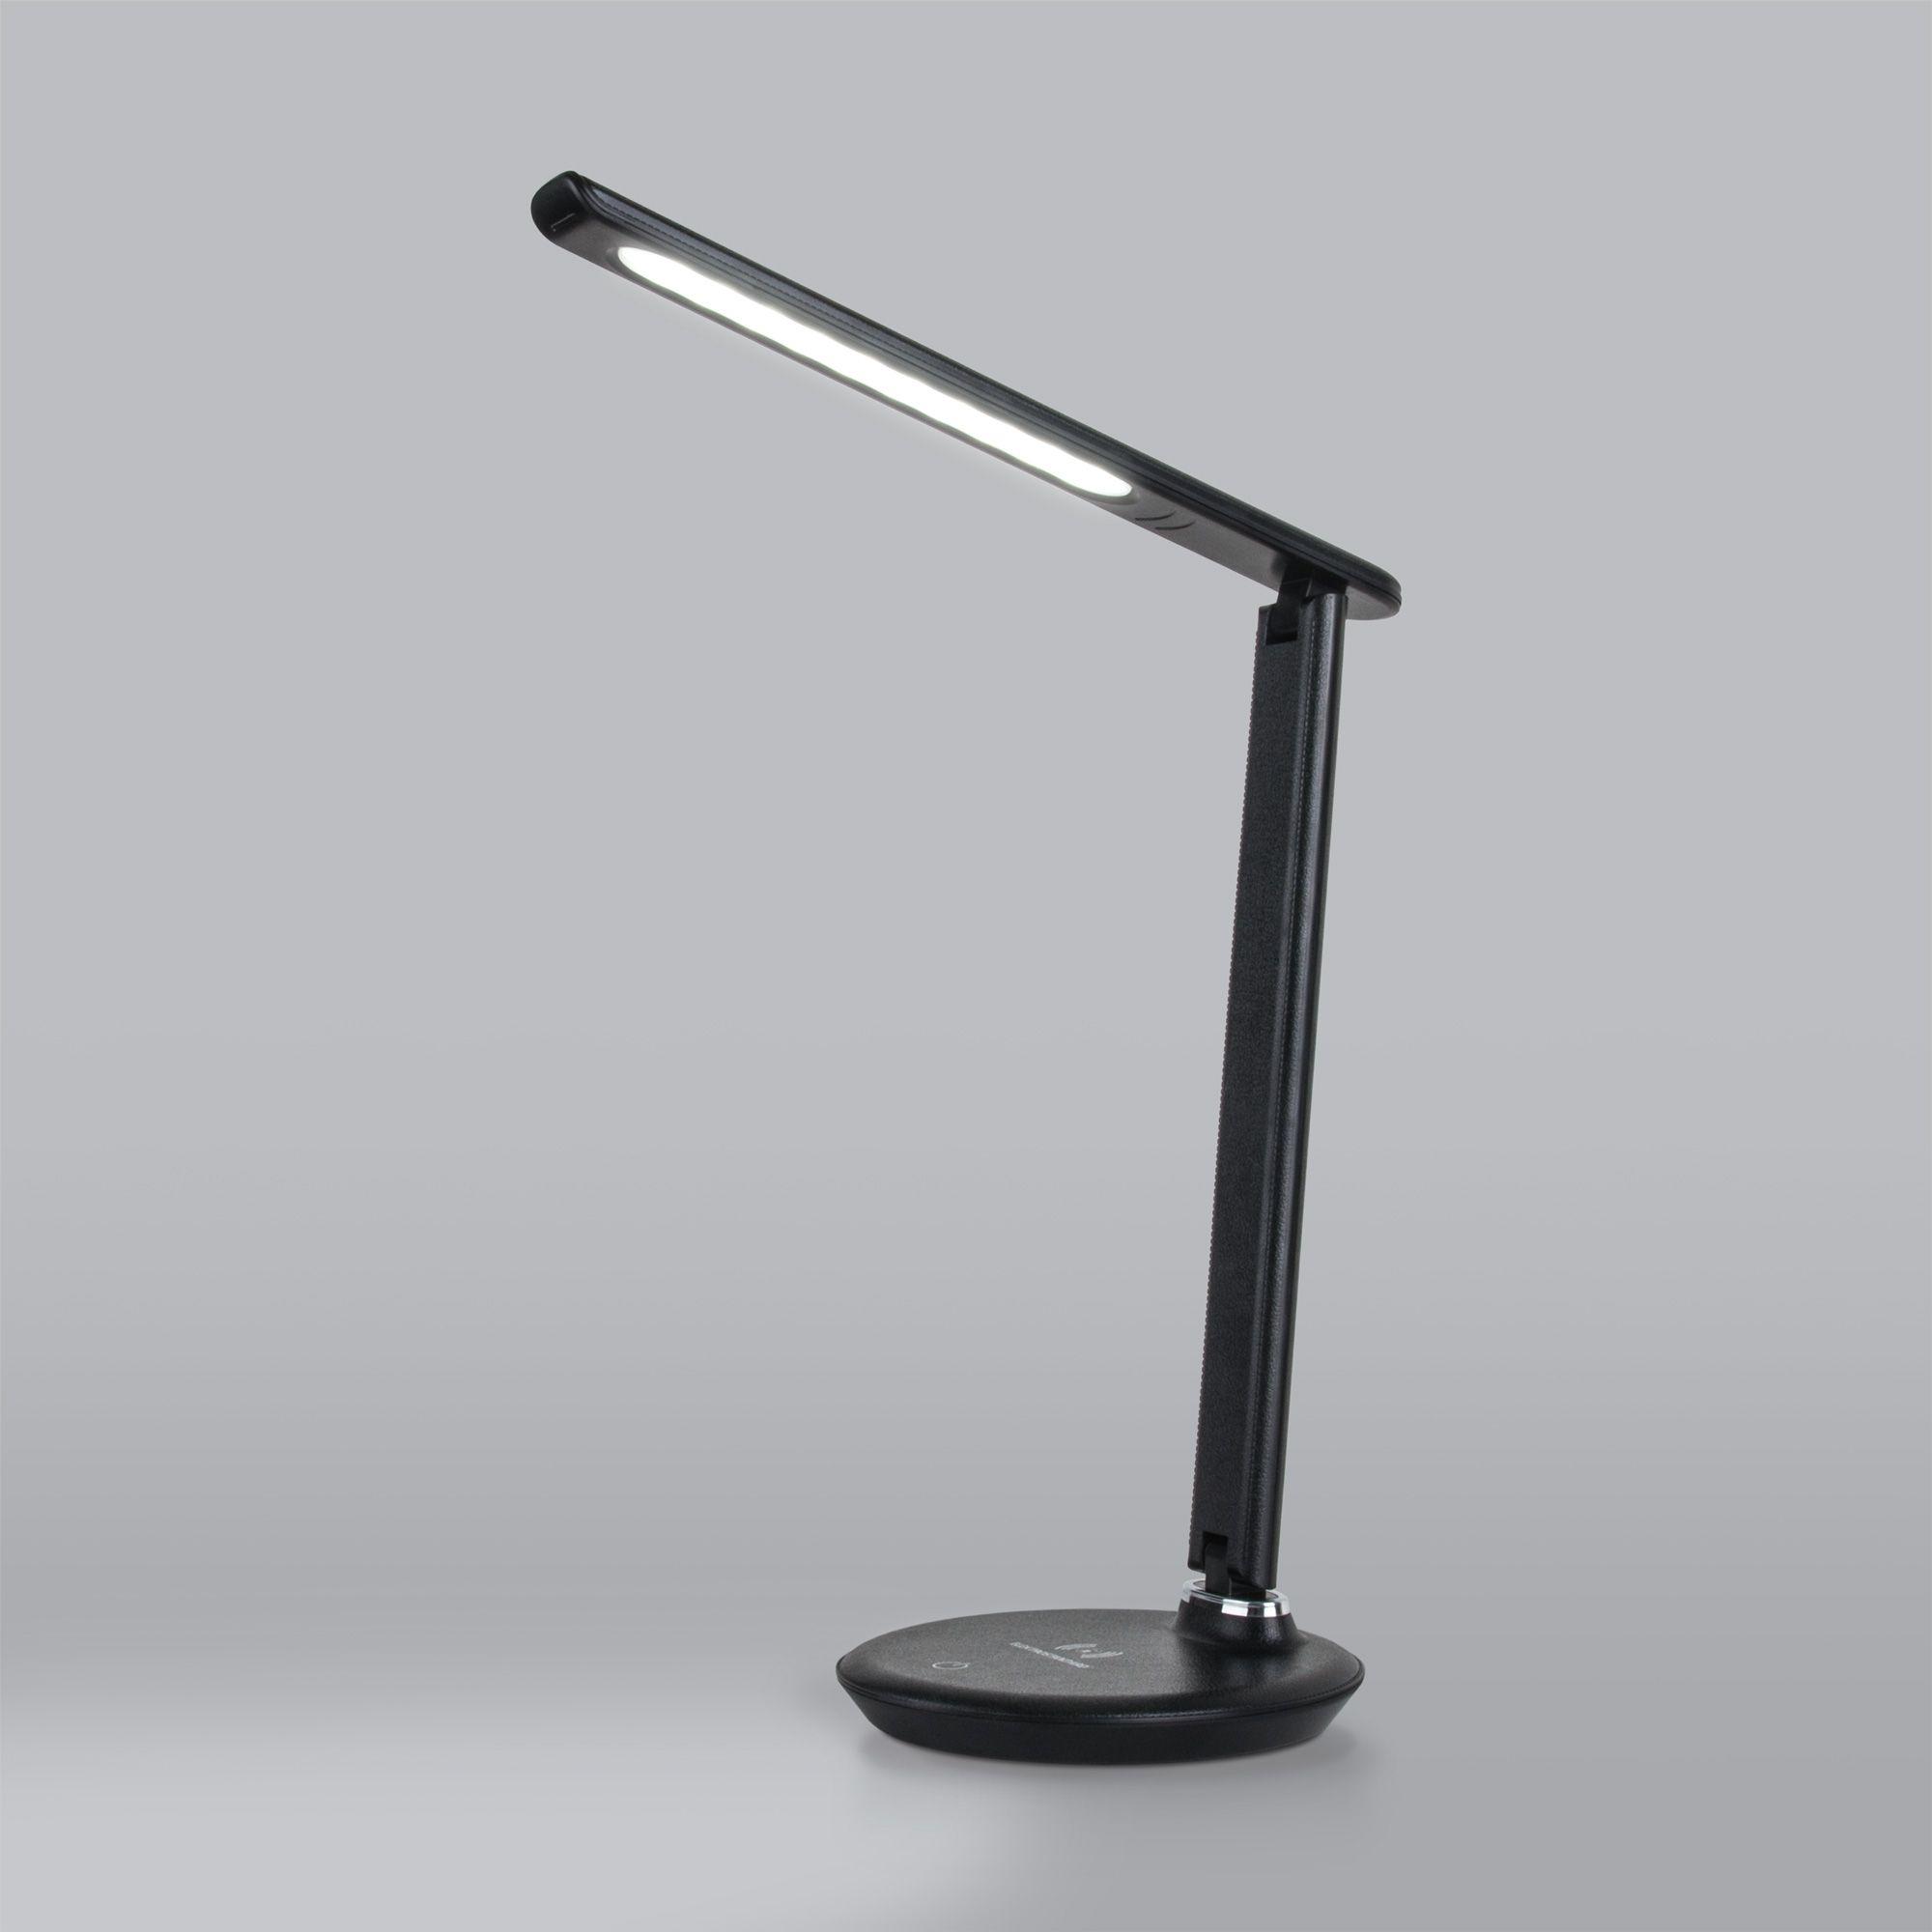 Настольный светодиодный светильник Brava черный TL90530